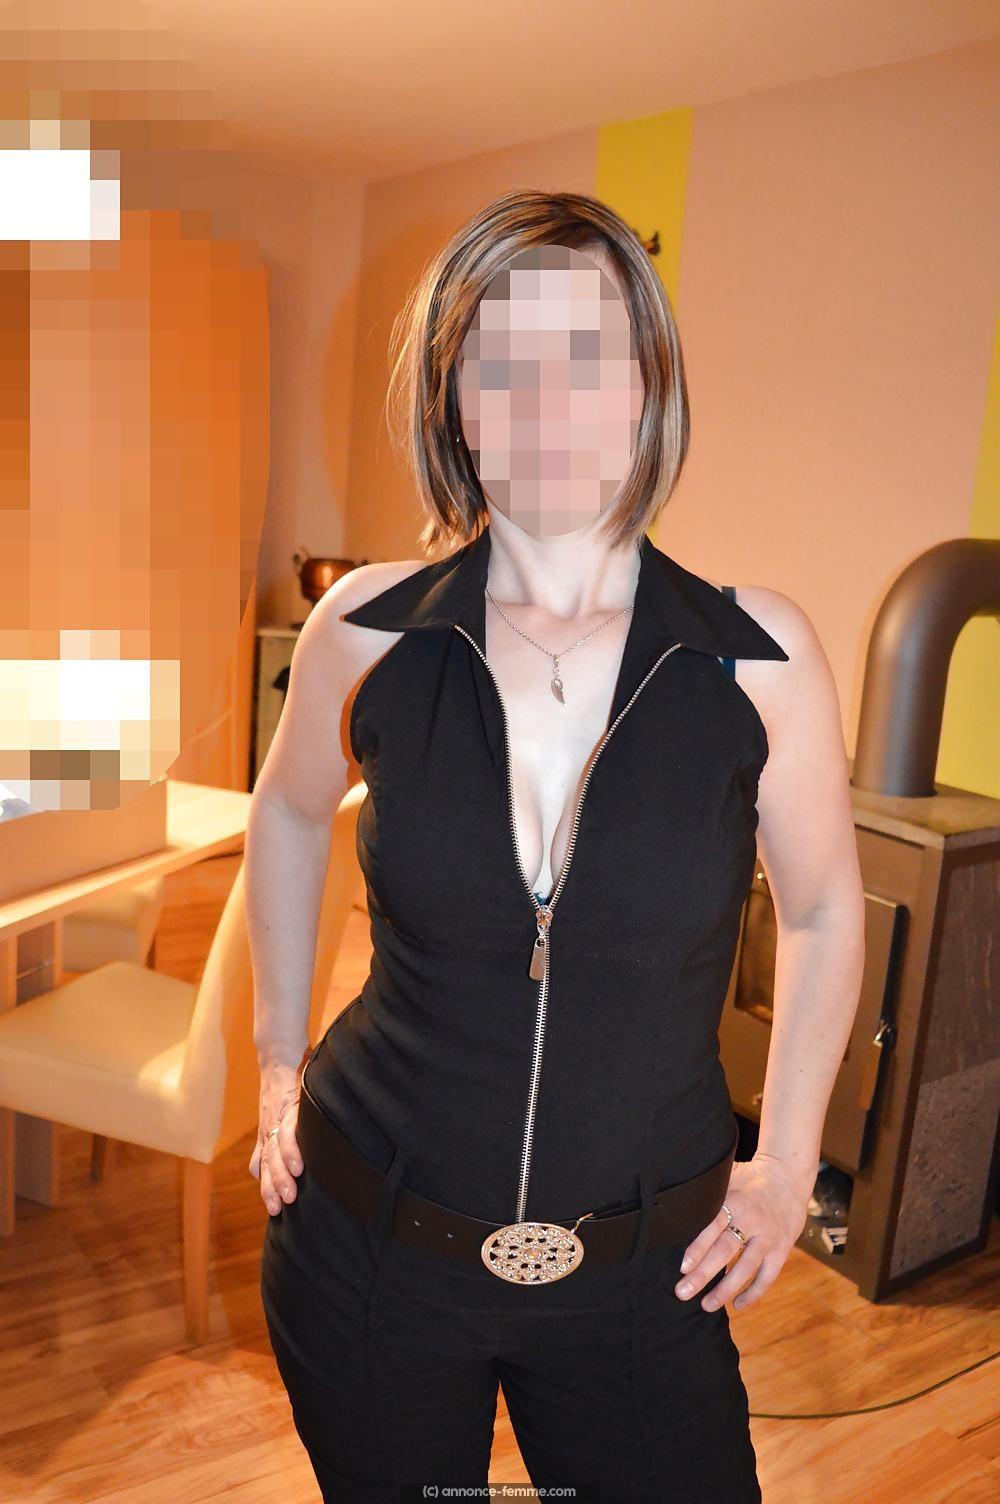 Homme cherche femme à Dijon () : annonces rencontres d'hommes sérieux célibataires